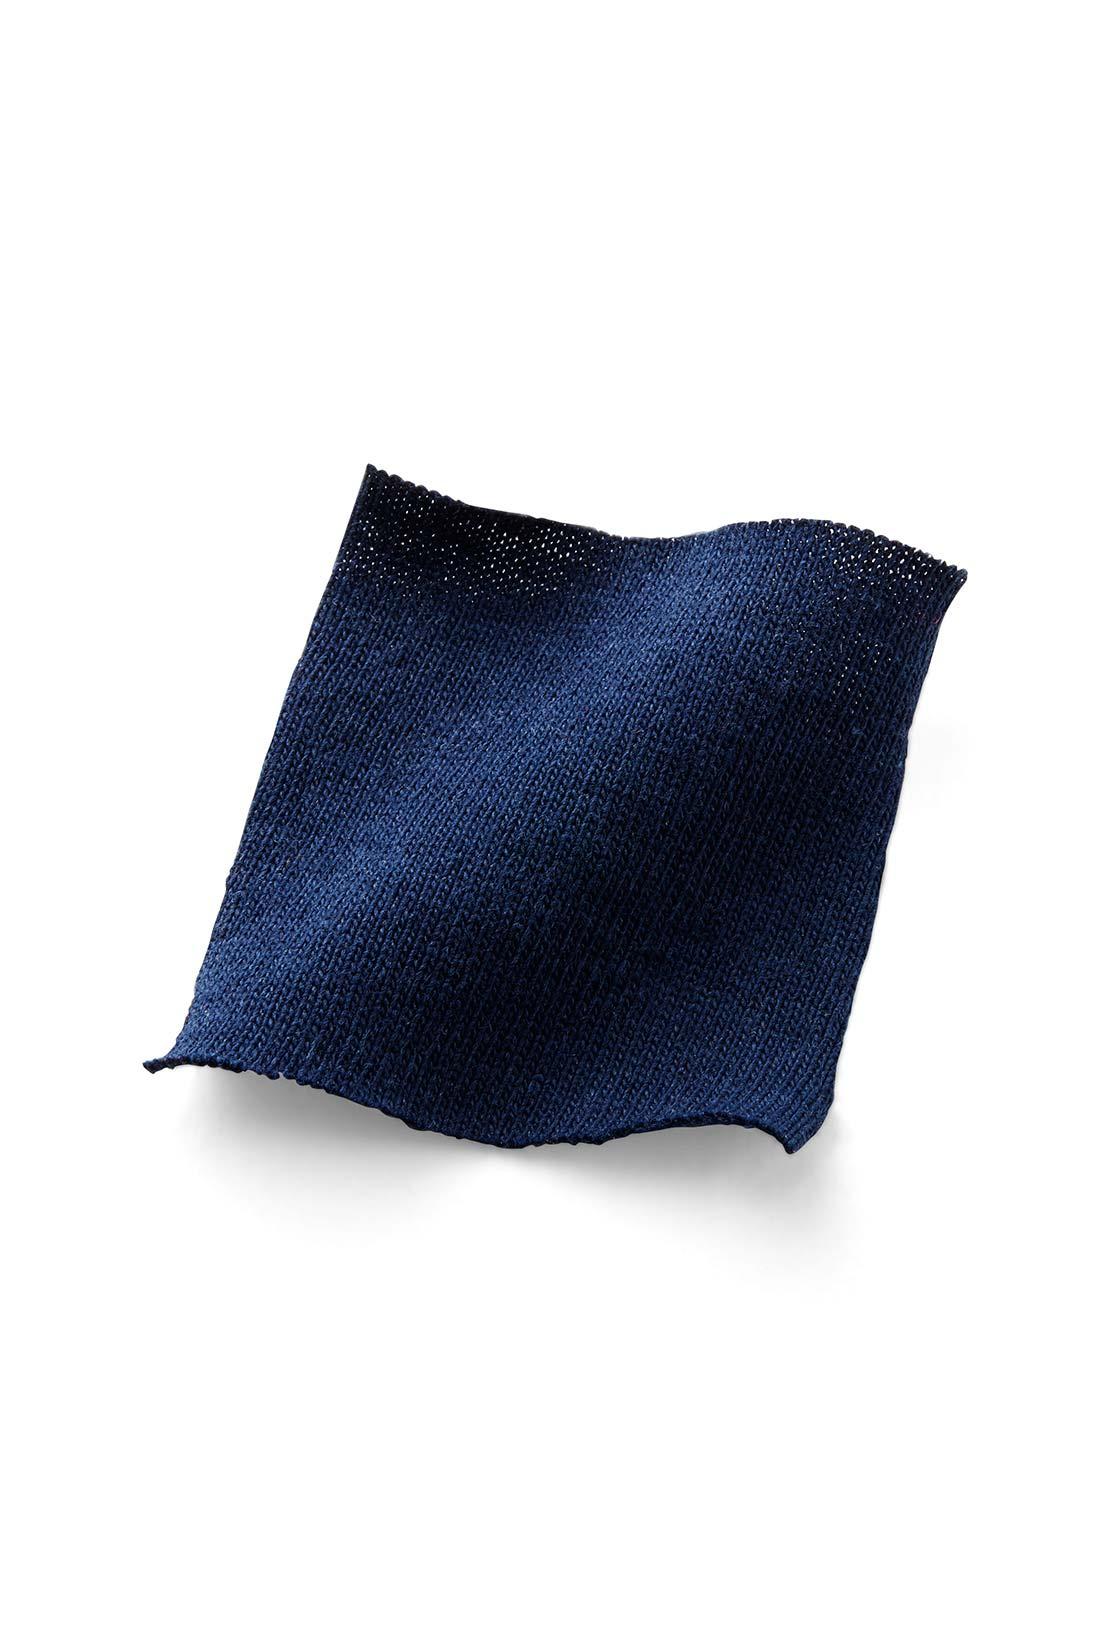 しっかりと厚みがあるヘビーオンスの綿100%だから透けにくく、ほどよい張りも◎。